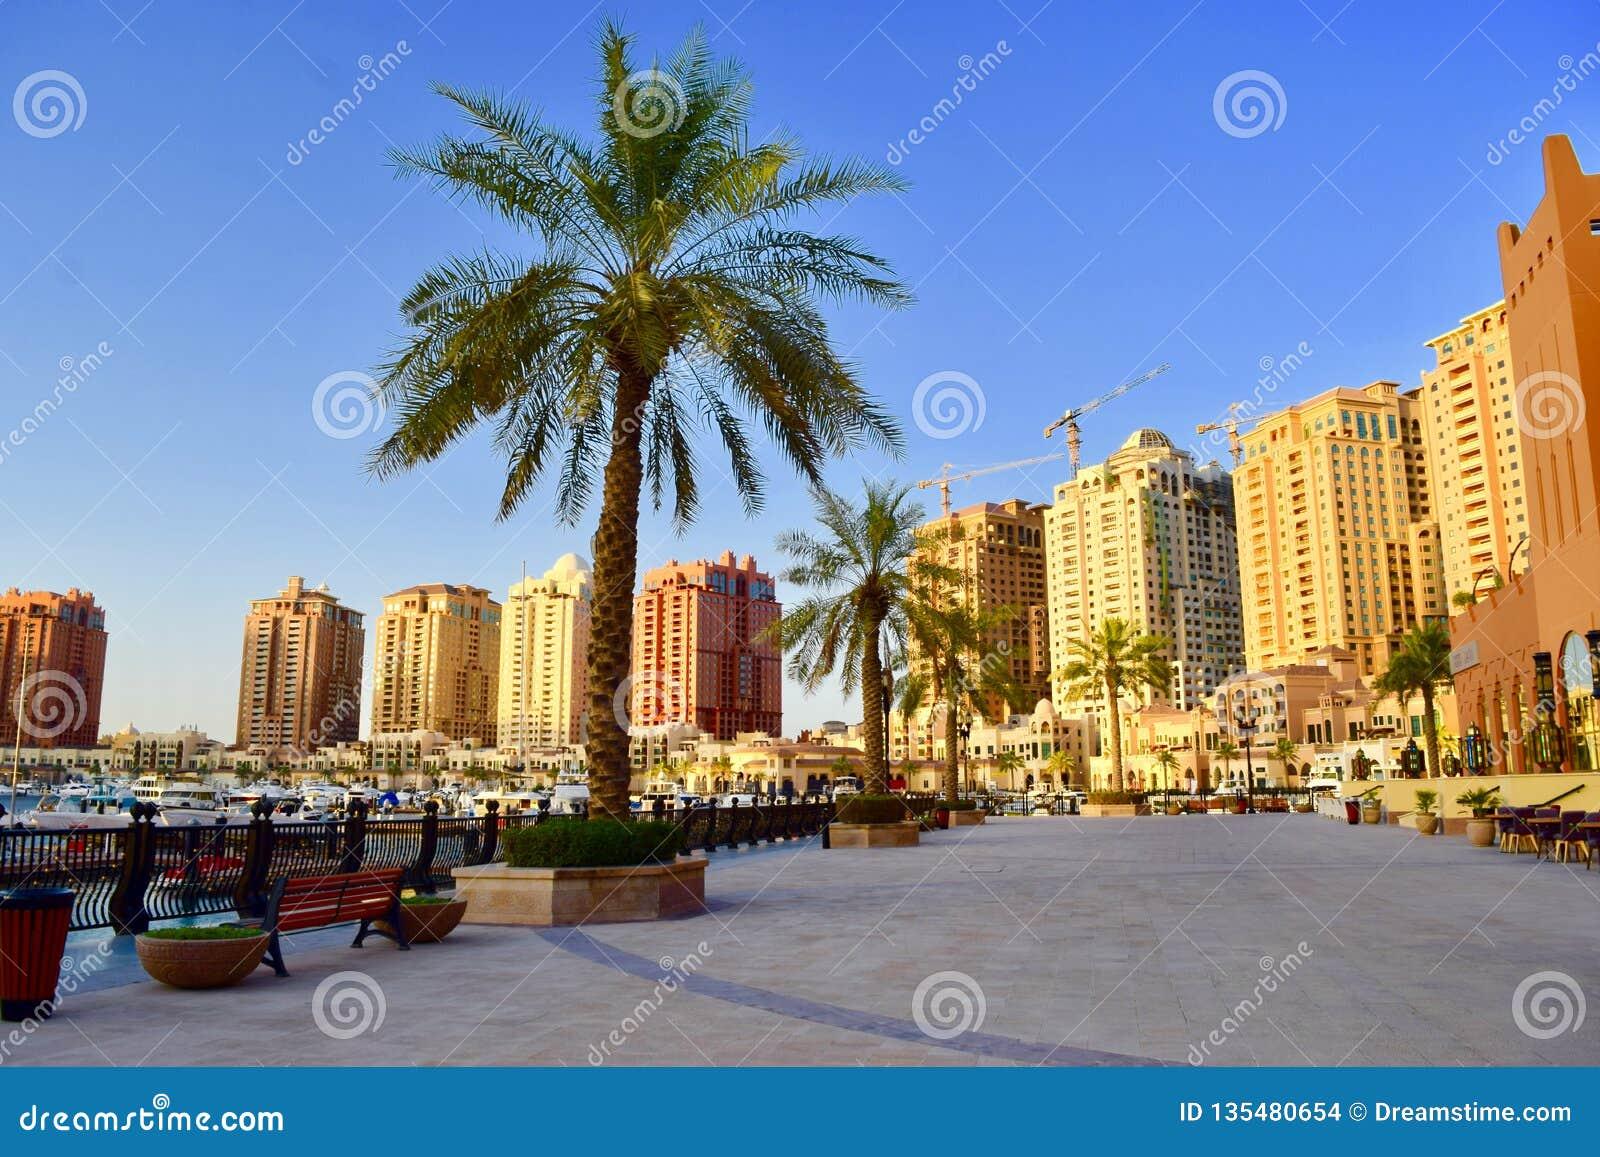 Beautiful view pf The Pearl Qatar